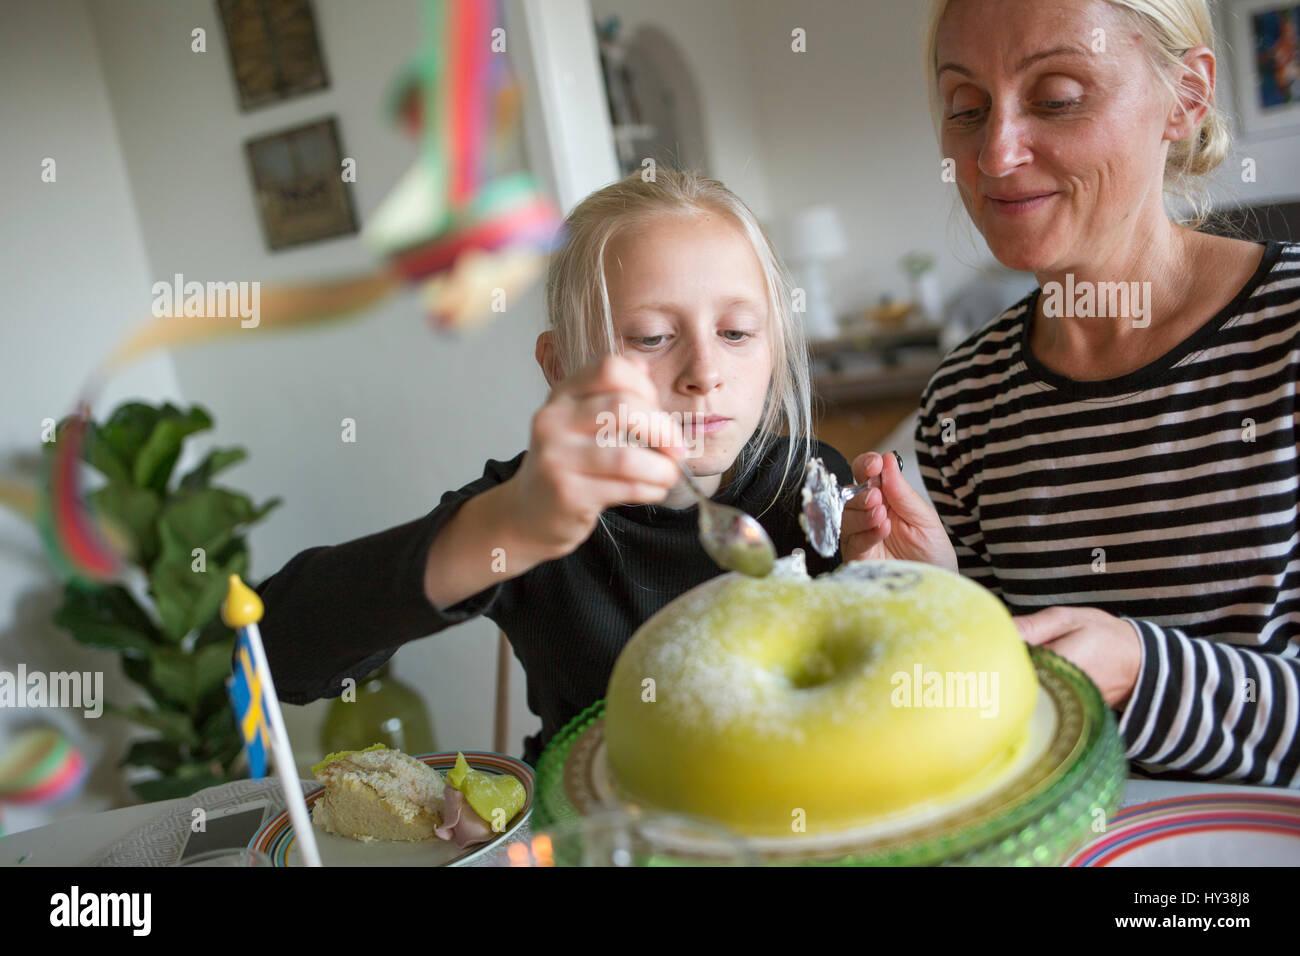 Suecia, chica (12-13) y la mujer madura, cortando el pastel de cumpleaños Imagen De Stock